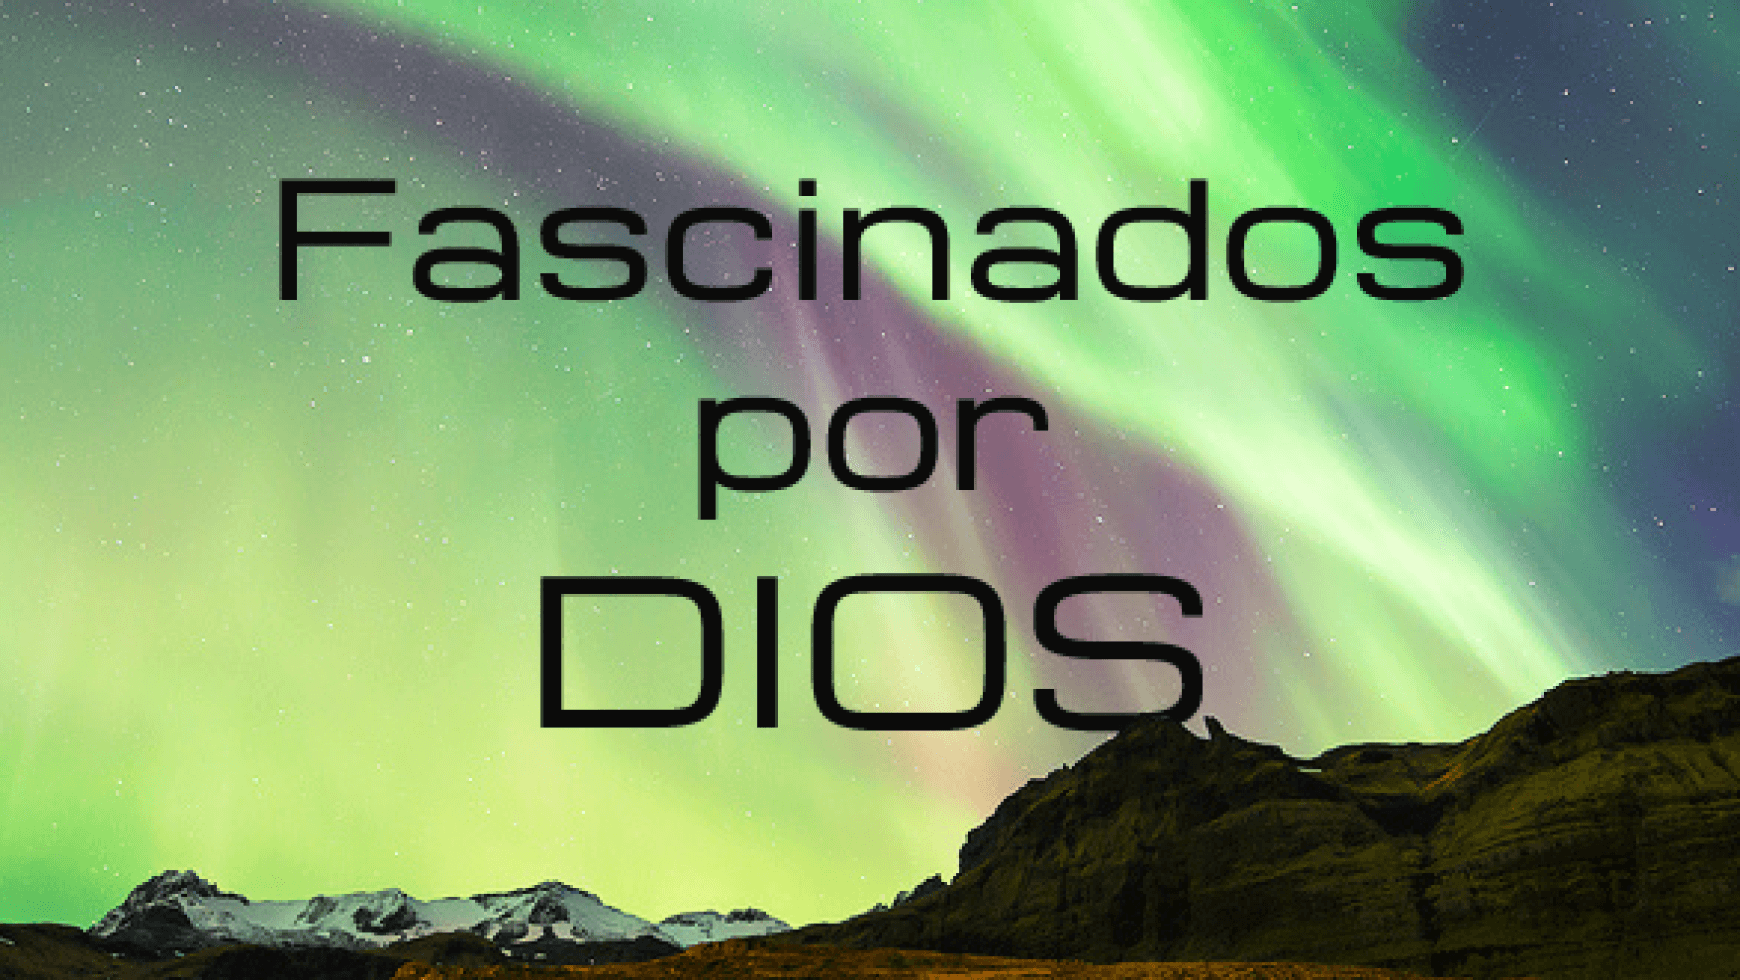 Predicacion: Fascinados por Jesus (06/07/2014)